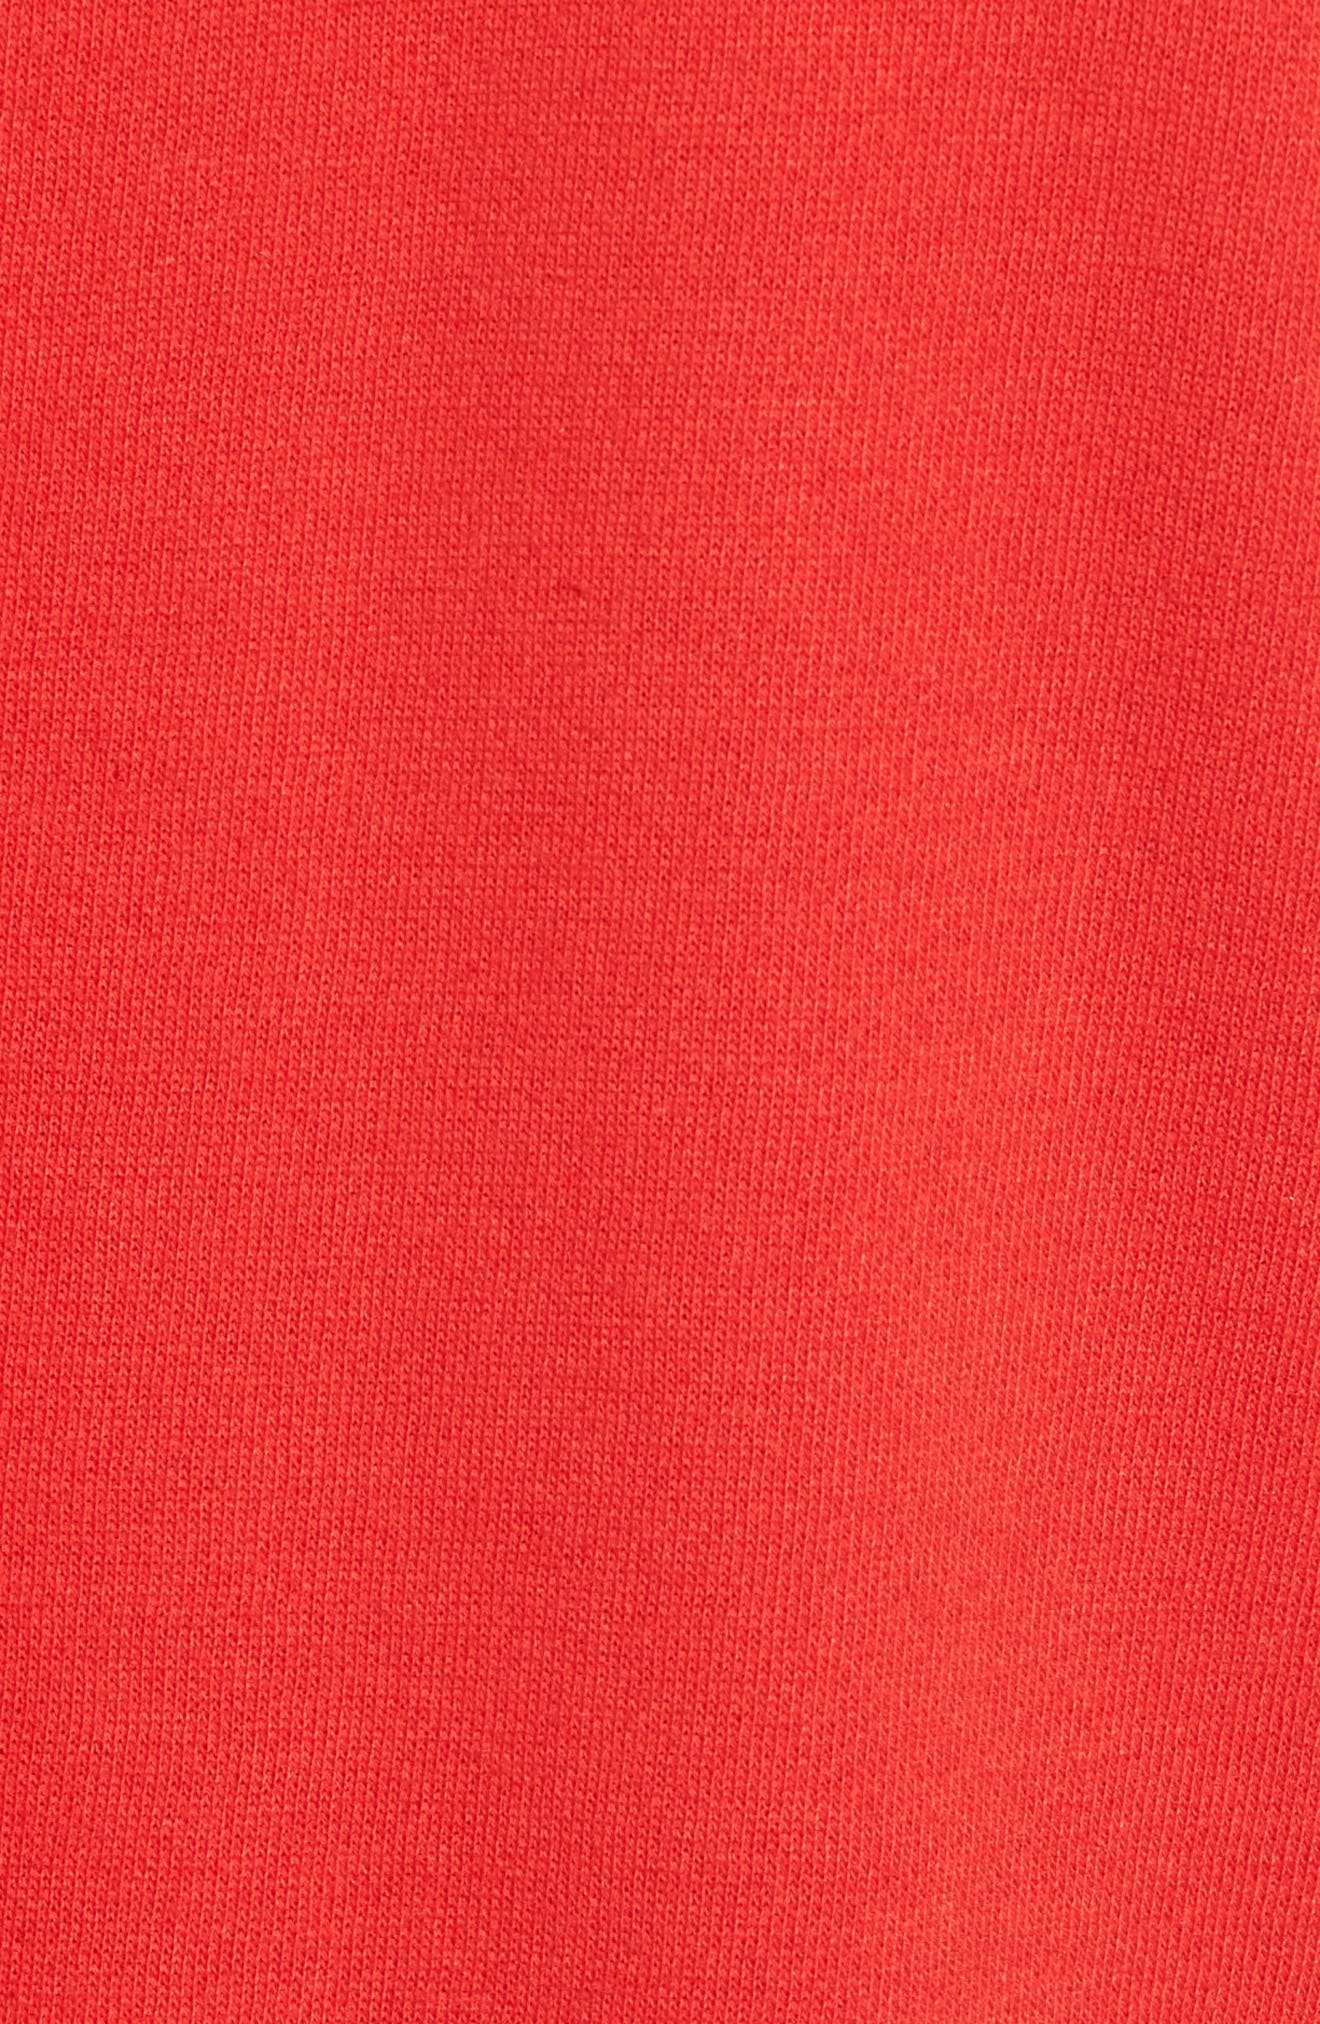 Alternate Image 5  - The Rail Fleece One-Piece Pajamas